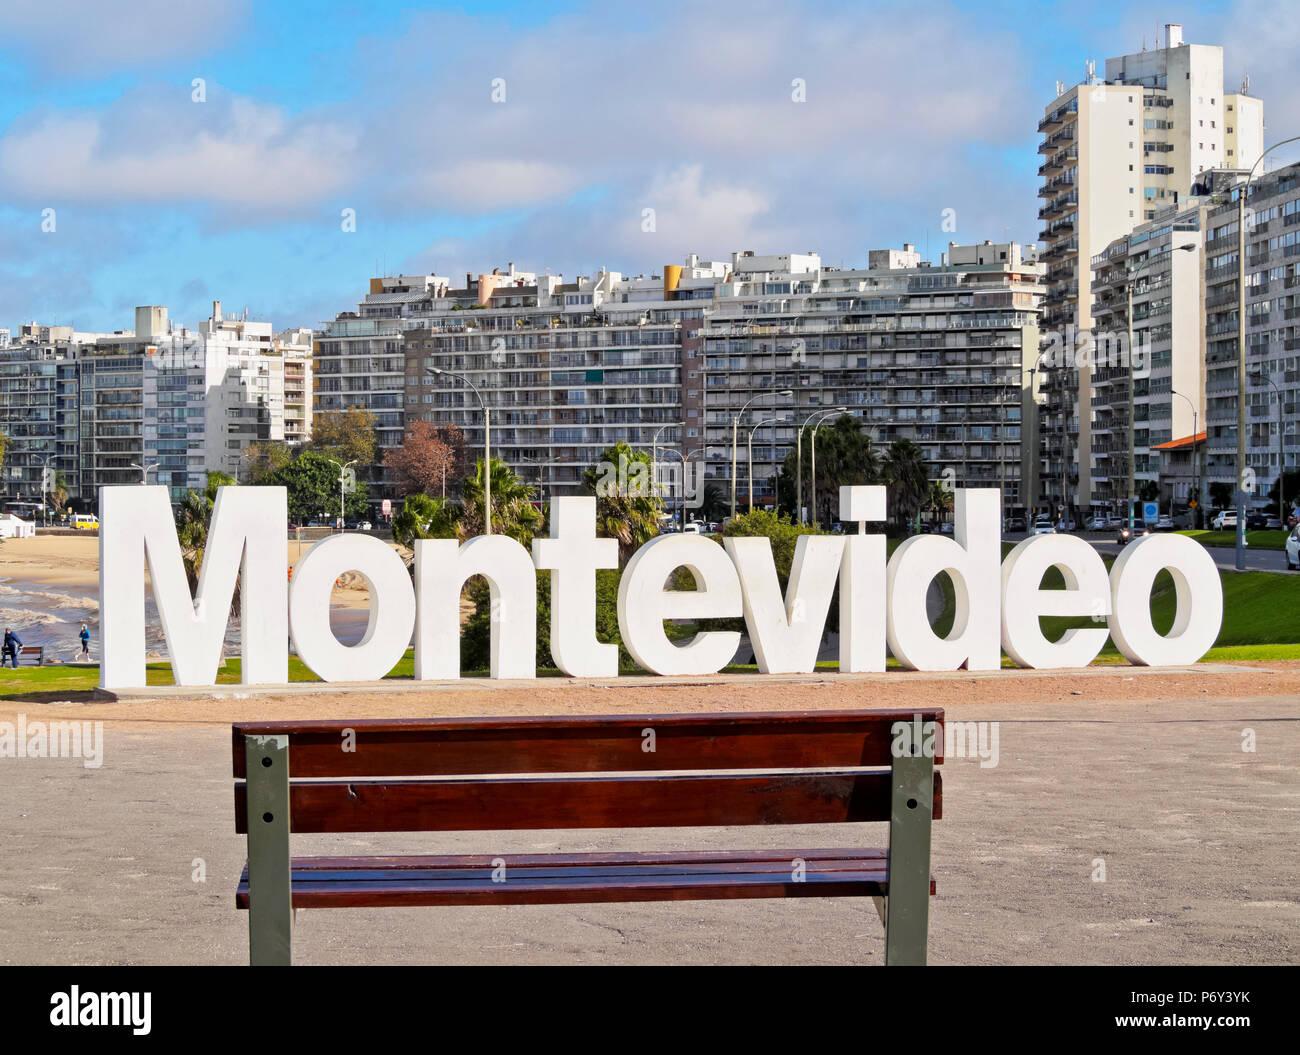 Uruguay, Montevideo, Pocitos, Vista del signo de Montevideo. Imagen De Stock